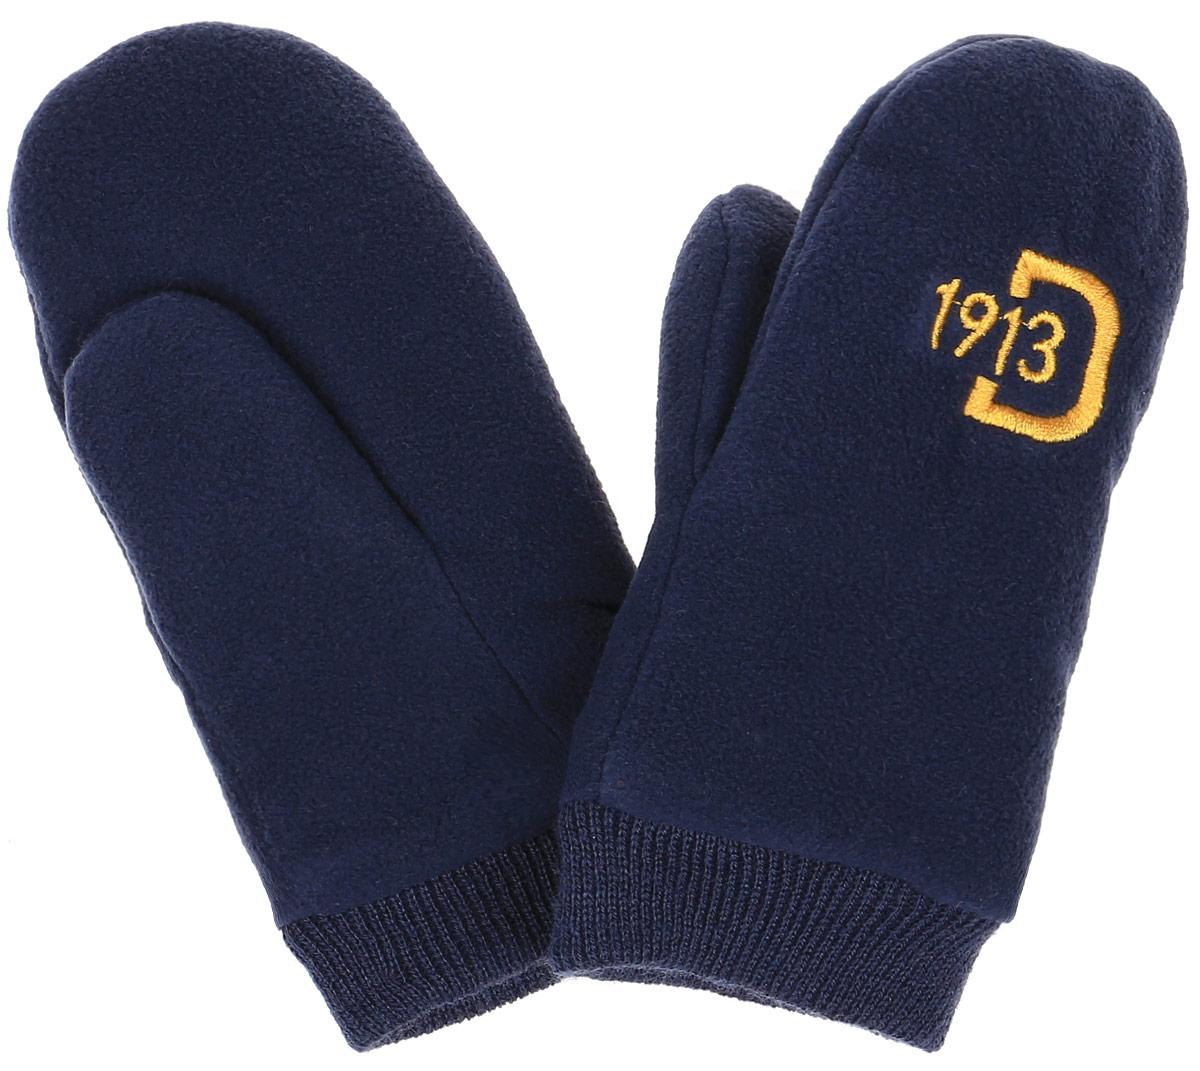 501144_039Детские варежки Didriksons1913 Kids Microfleece Gloves идеально подойдут вашему ребенку для прогулок, они согреют руки в прохладное время года. Изготовленные из мягкого флиса, они обладают хорошими дышащими свойствами и хорошо удерживают тепло. Модель оформлена брендовой вышивкой. Варежки дополнены широкими трикотажными манжетами, не стягивающими запястья и надежно фиксирующими варежки на руках ребенка.